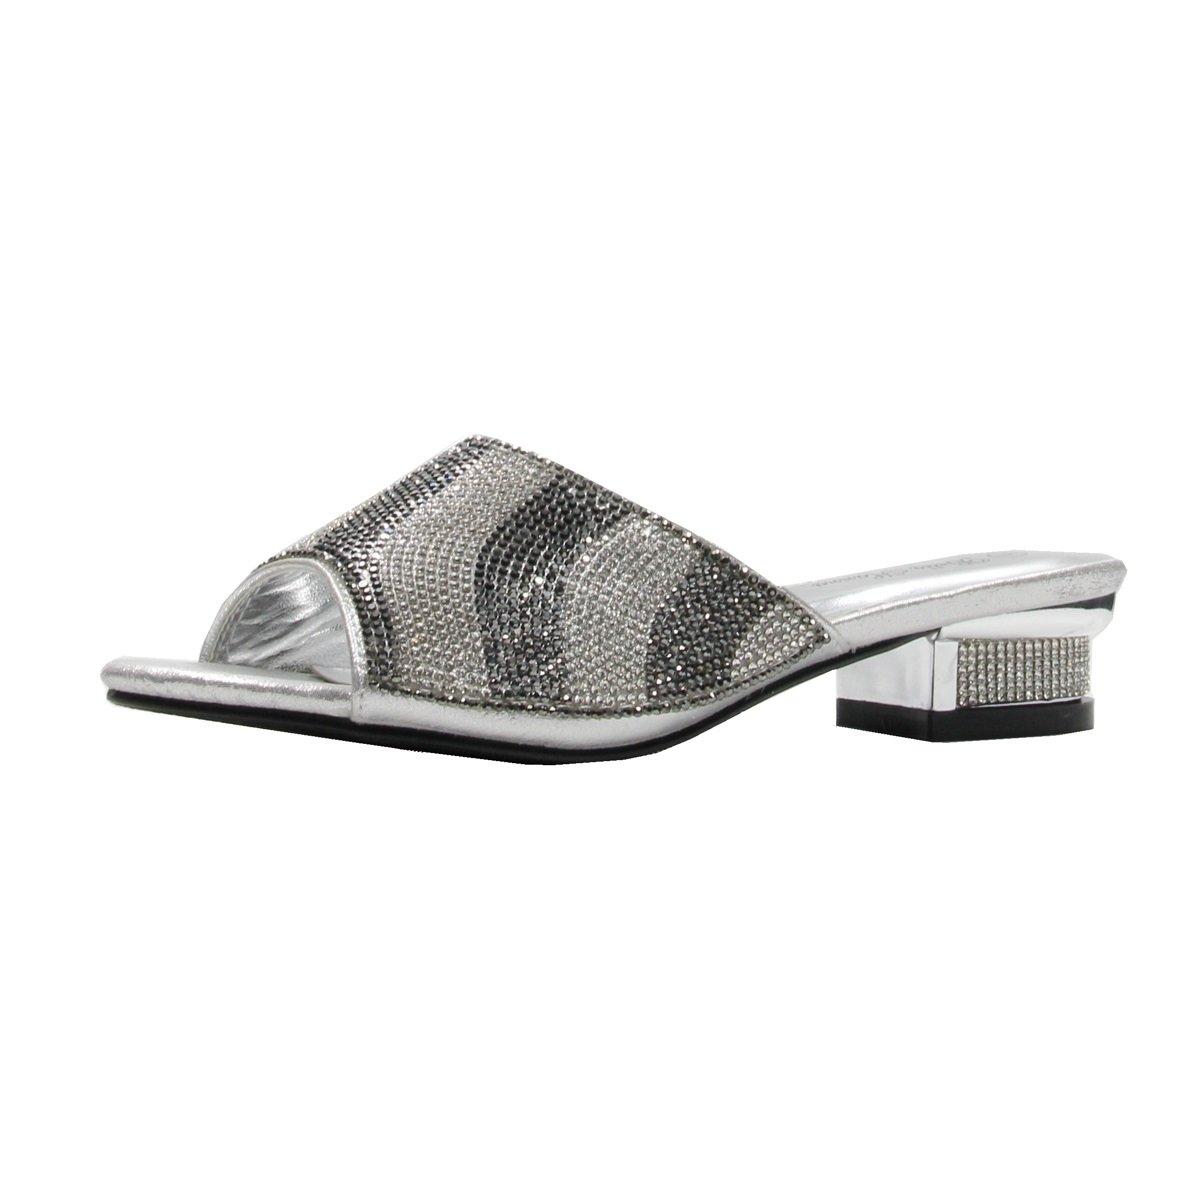 Women's Rhinestone Glitter Sparkles Open Toe Low Heeled Sandals with Memory Foam (9, Silver)